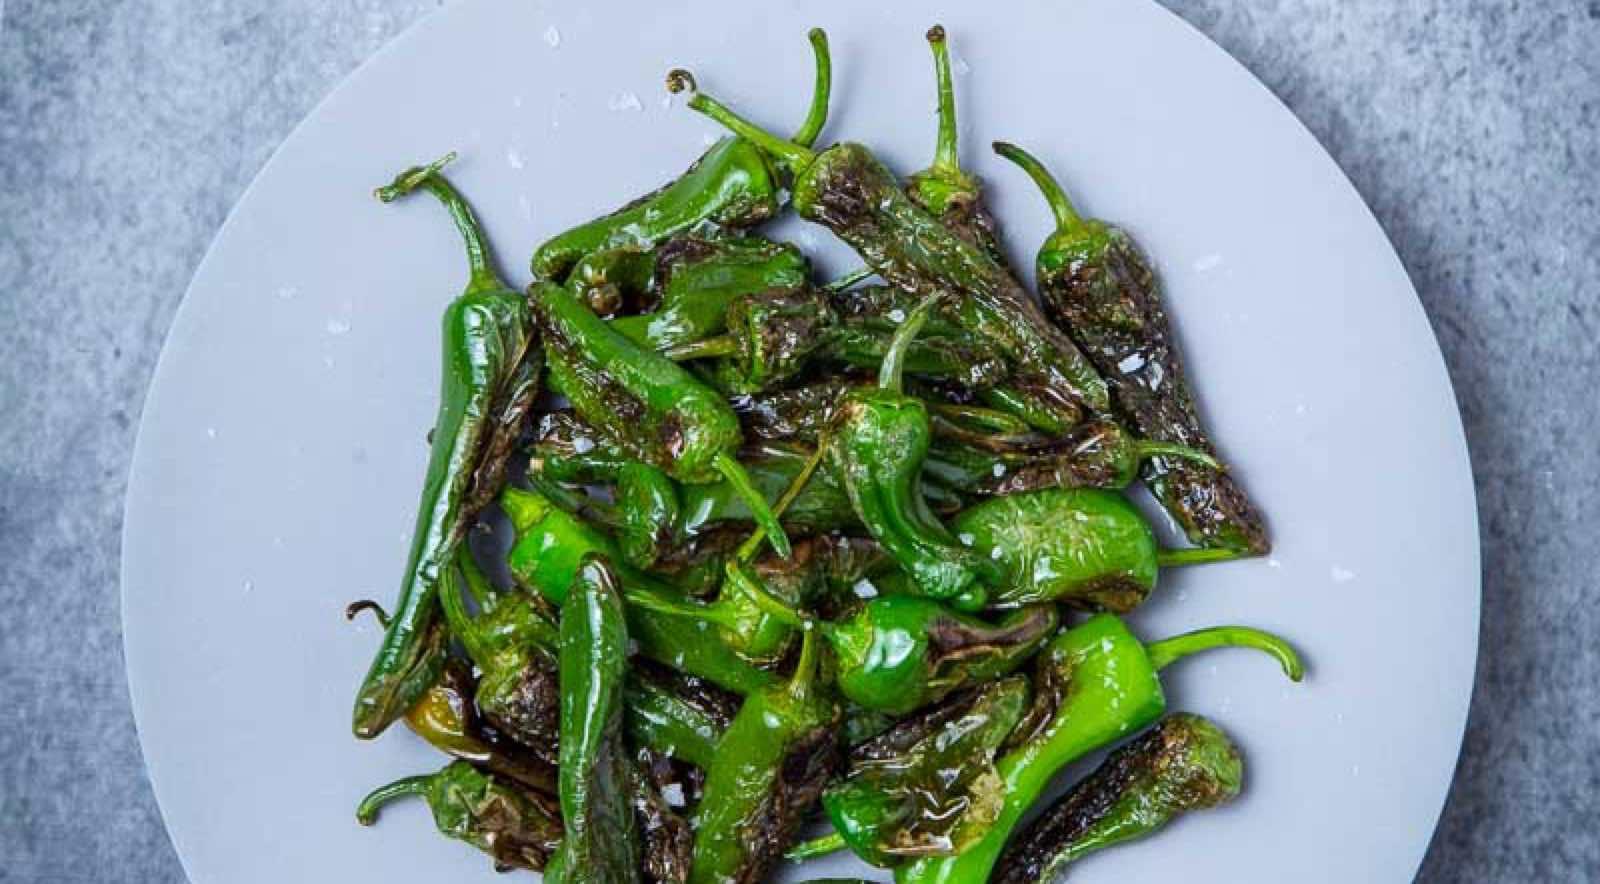 Grønn paprika: Pimientos de Padrón er små paprika som kommer fra Galicia